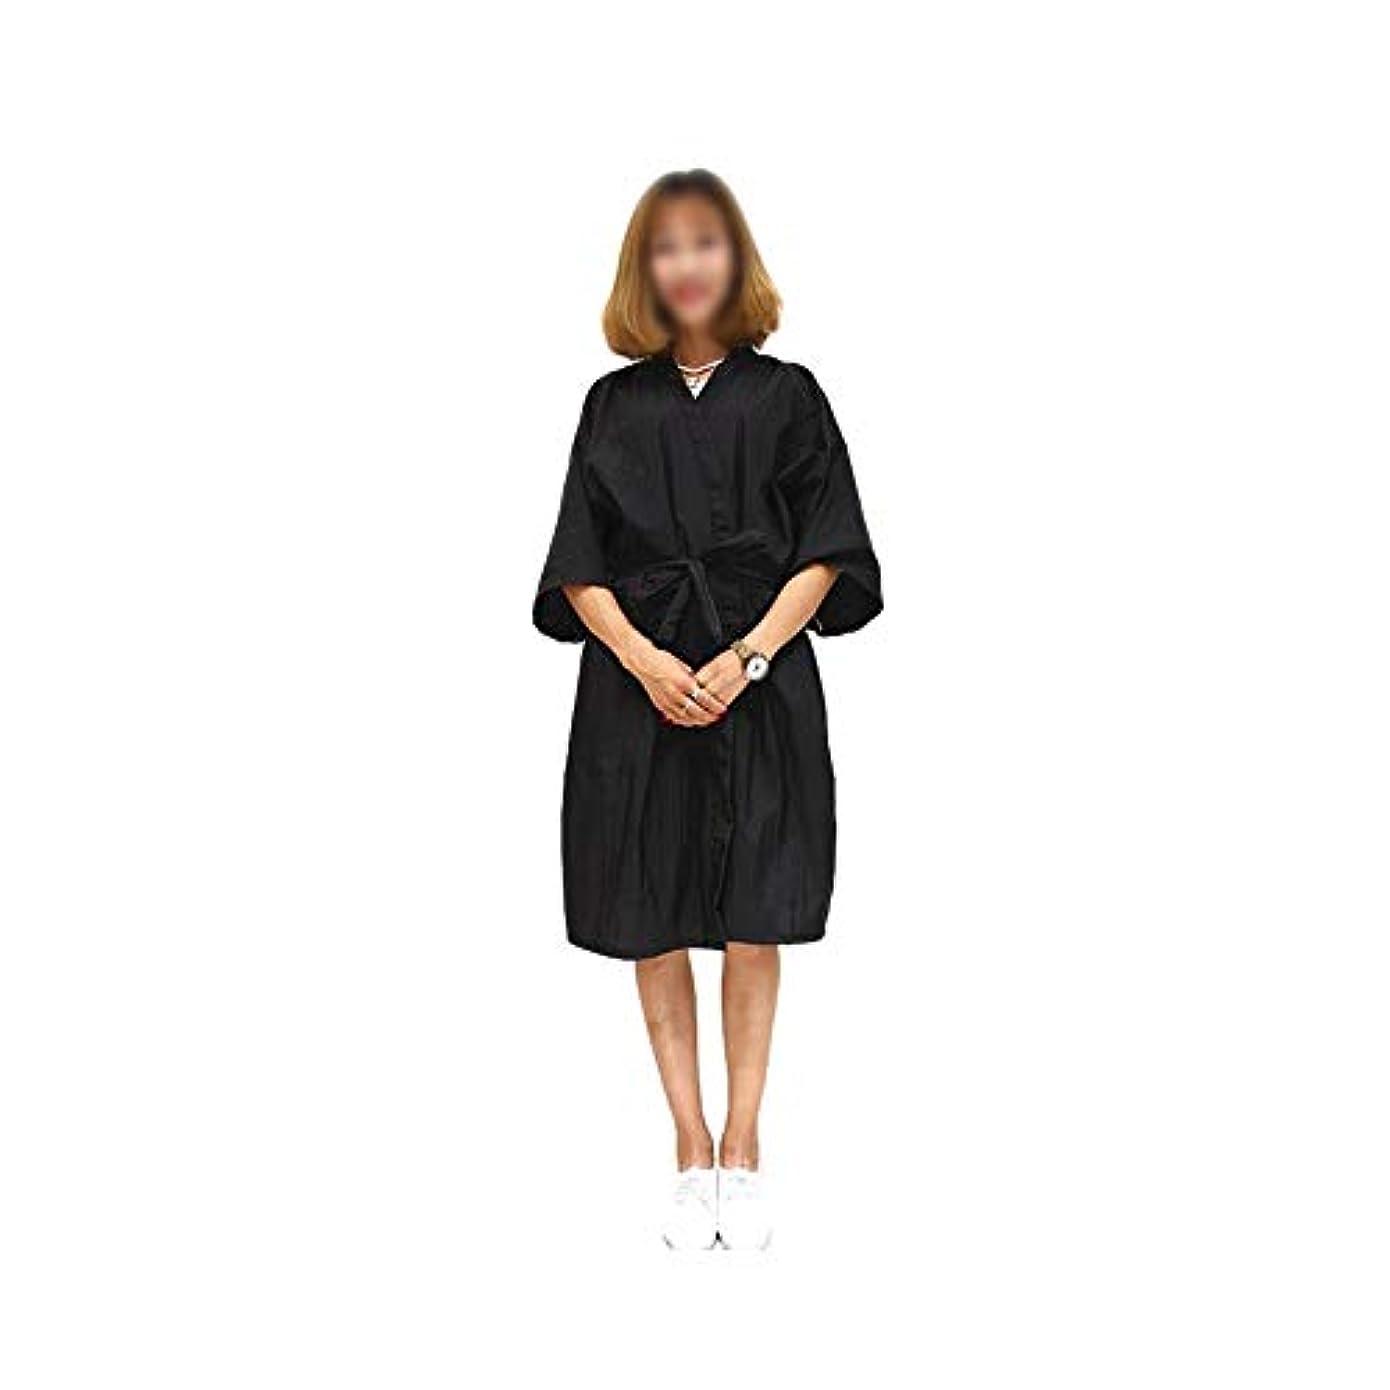 ブリーク予見する細断Lucy Day サロンヘアカットガウンバーバーケープクロスビューティースパ衣類ヘアスタイリングケープナイロンヘアカット (色 : 黒)